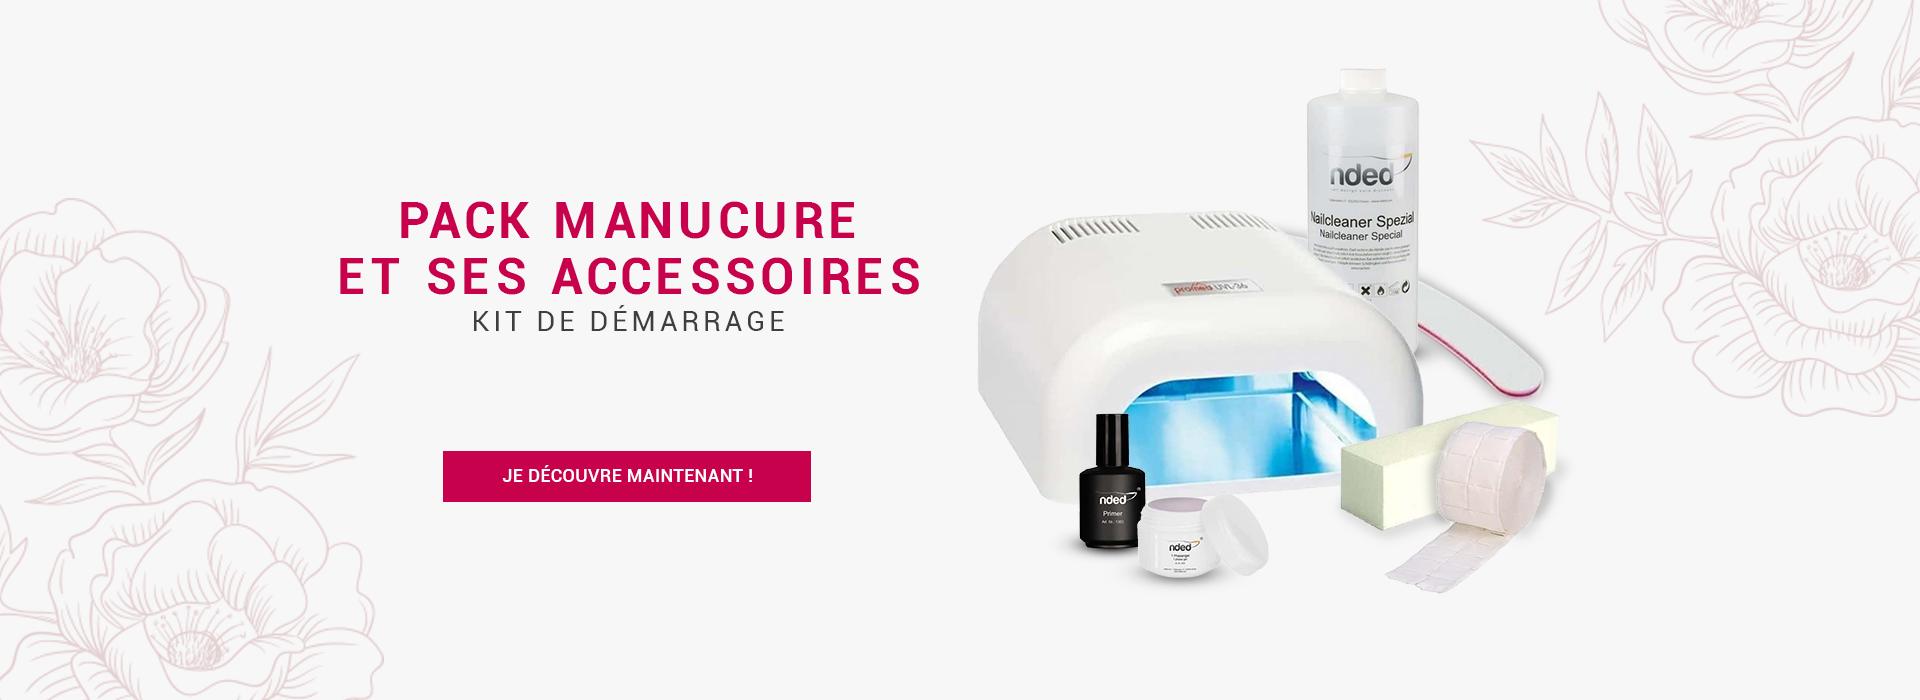 Slide_3-Manucure